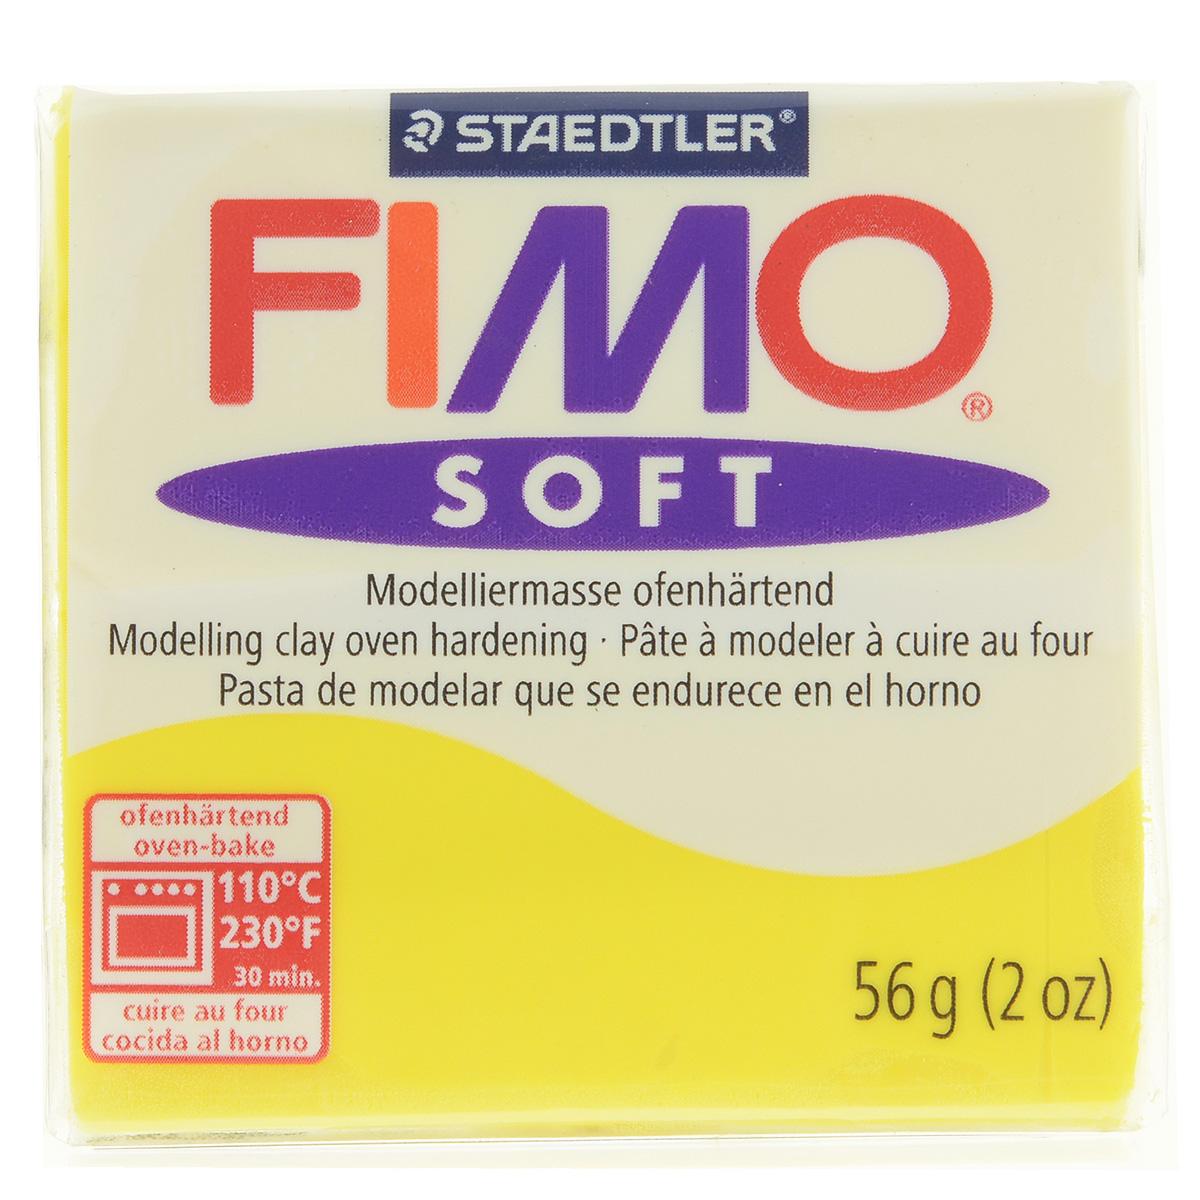 Полимерная глина Fimo Soft, цвет: лимонный (10), 56 г8020-10Мягкая глина на полимерной основе (пластика) Fimo Soft идеально подходит для лепки небольших изделий (украшений, скульптурок, кукол) и для моделирования. Глина обладает отличными пластичными свойствами, хорошо размягчается и лепится, легко смешивается между собой, благодаря чему можно создать огромное количество поделок любых цветов и оттенков. Блок поделен на восемь сегментов, что позволяет легче разделять глину на порции. В домашних условиях готовая поделка выпекается в духовом шкафу при температуре 110°С в течении 15-30 минут (в зависимости от величины изделия). Отвердевшие изделия могут быть раскрашены акриловыми красками, покрыты лаком, склеены друг с другом или с другими материалами. Состав: поливинилхлорид, пластификаторы, неорганические наполнители, цветные пигменты.